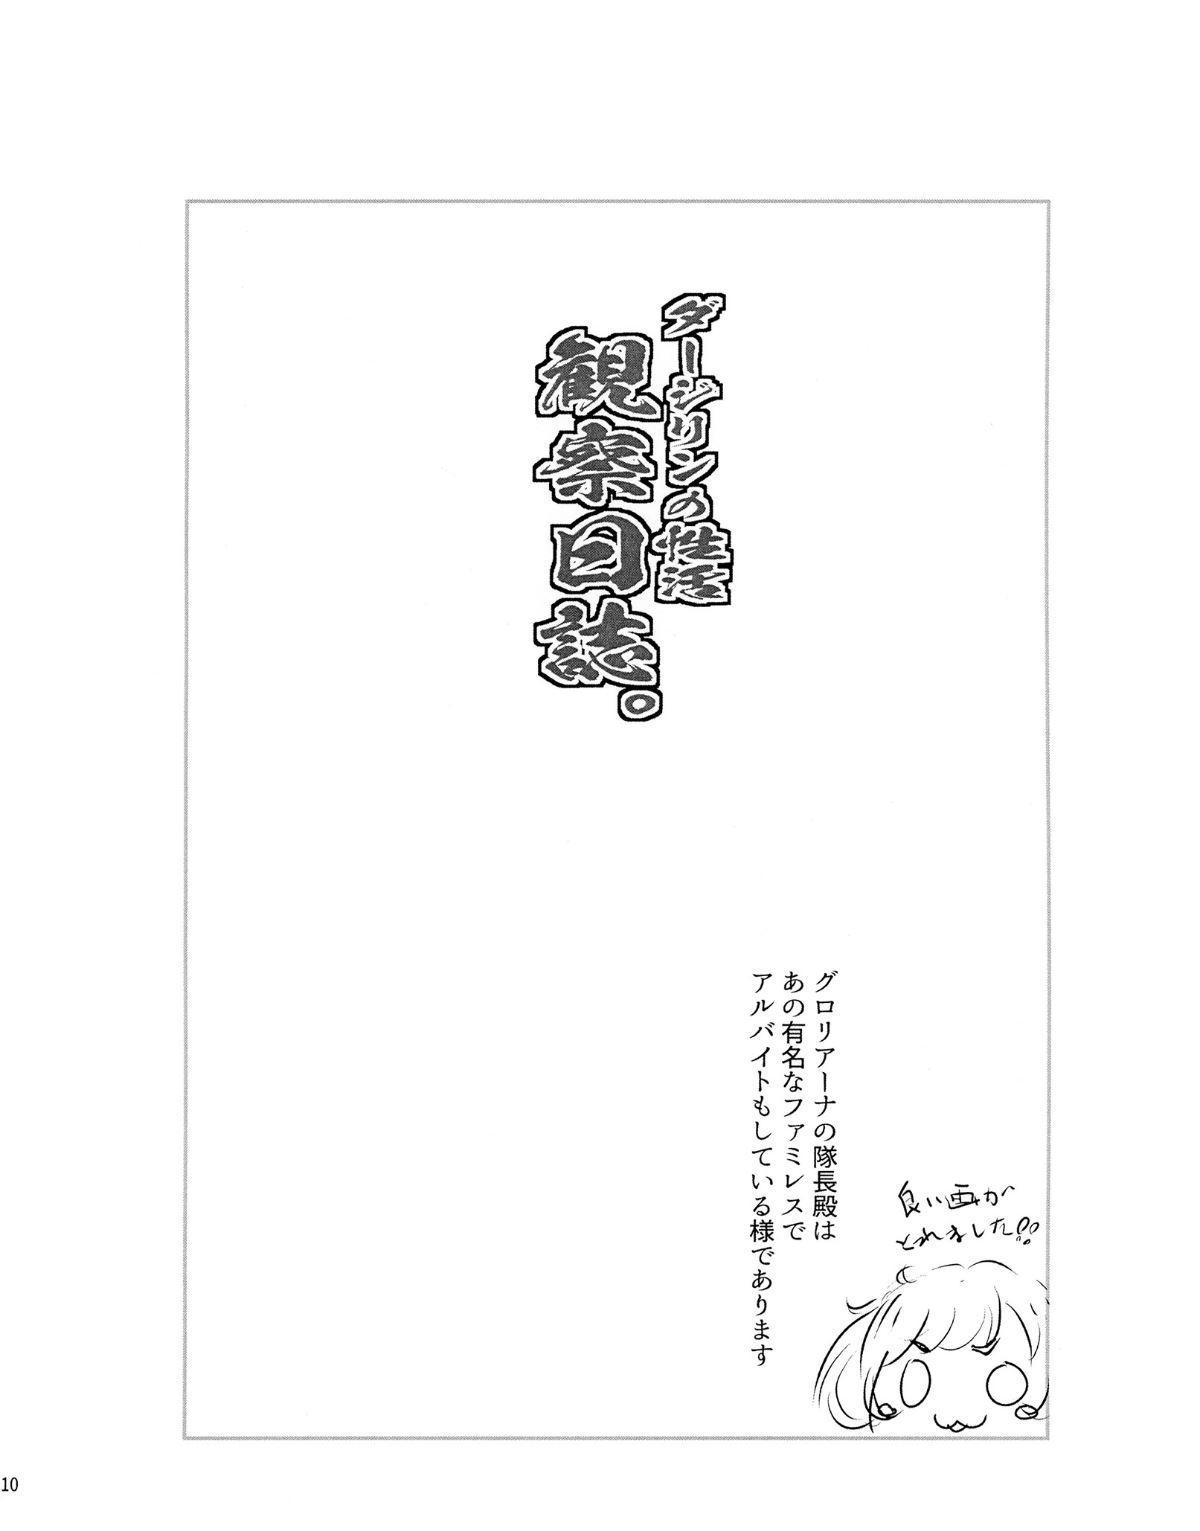 Darjeeling no Seikatsu Kansatsu Nisshi. 10